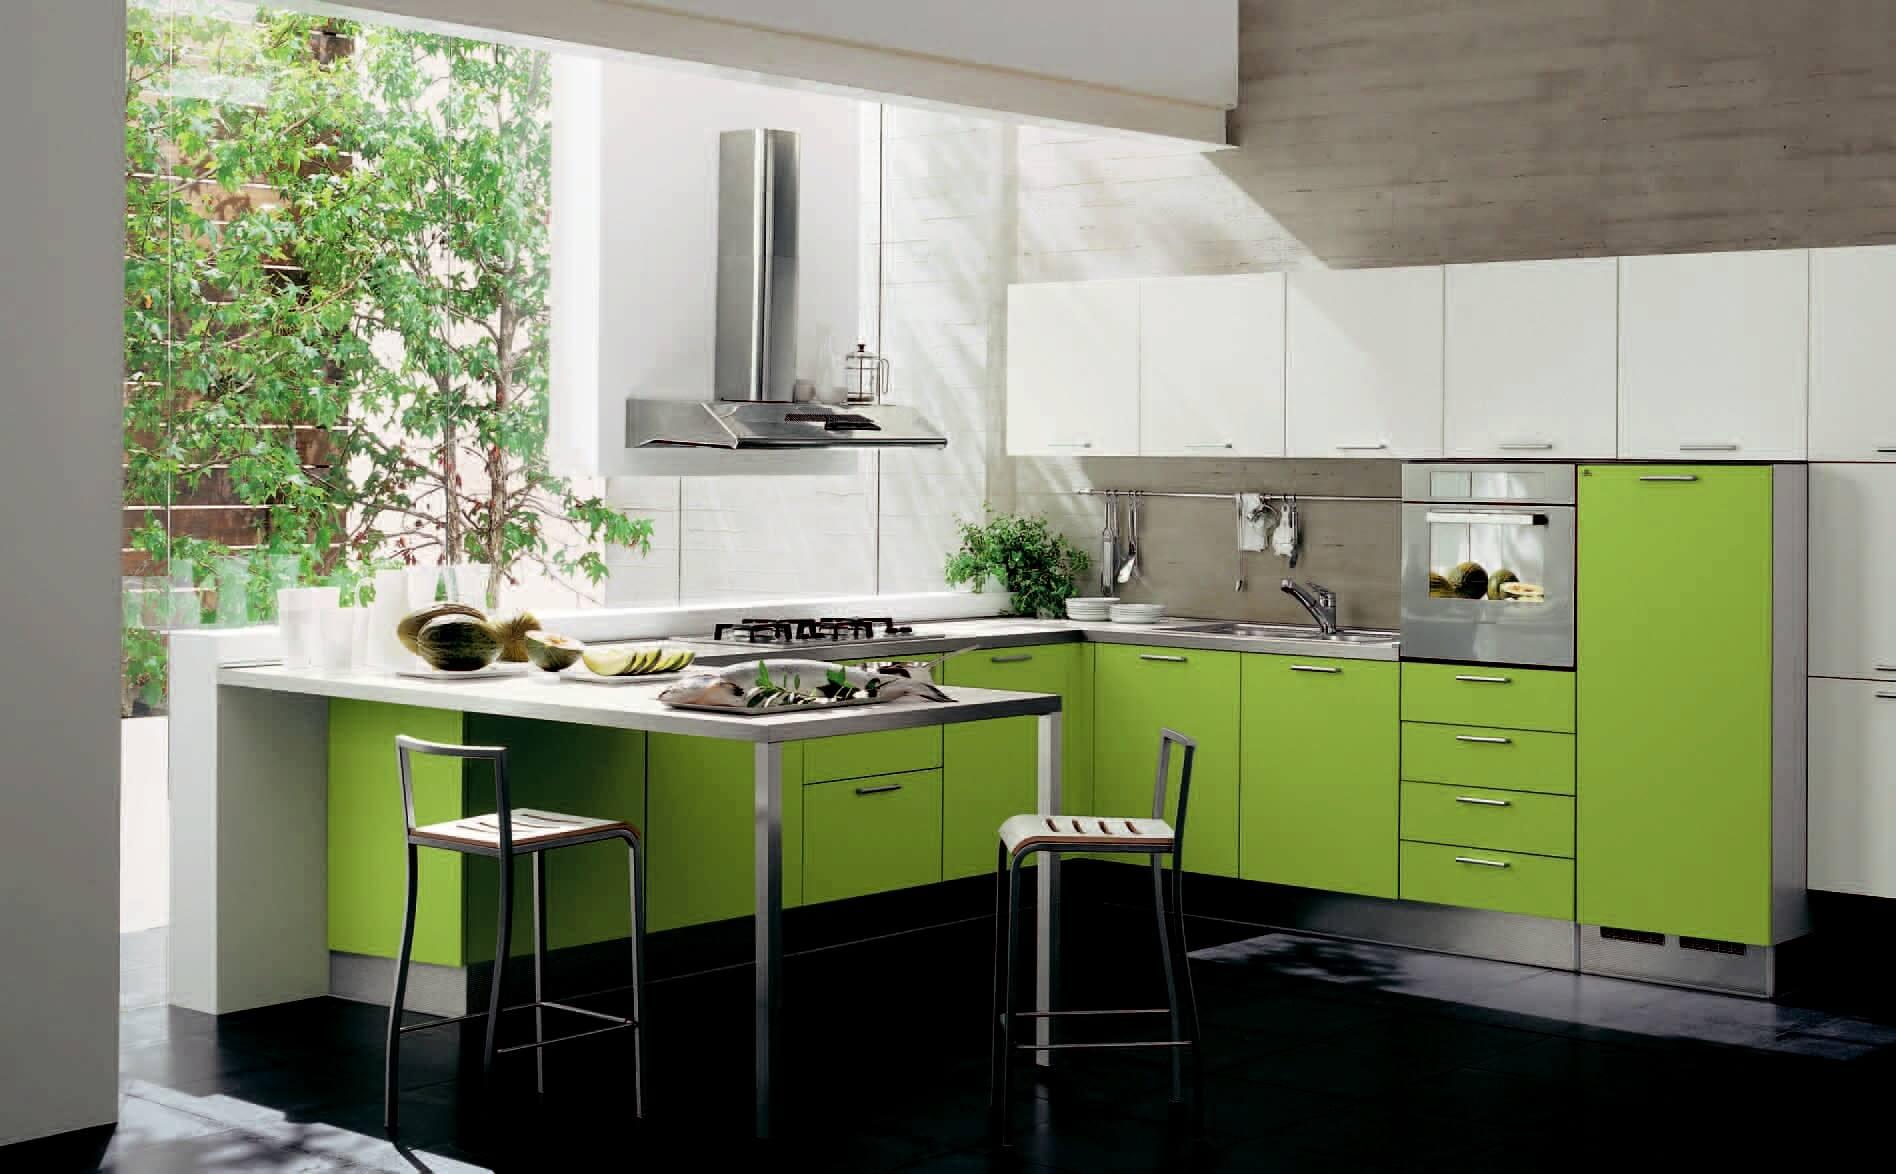 Дизайн кухни салатовый цвет стен